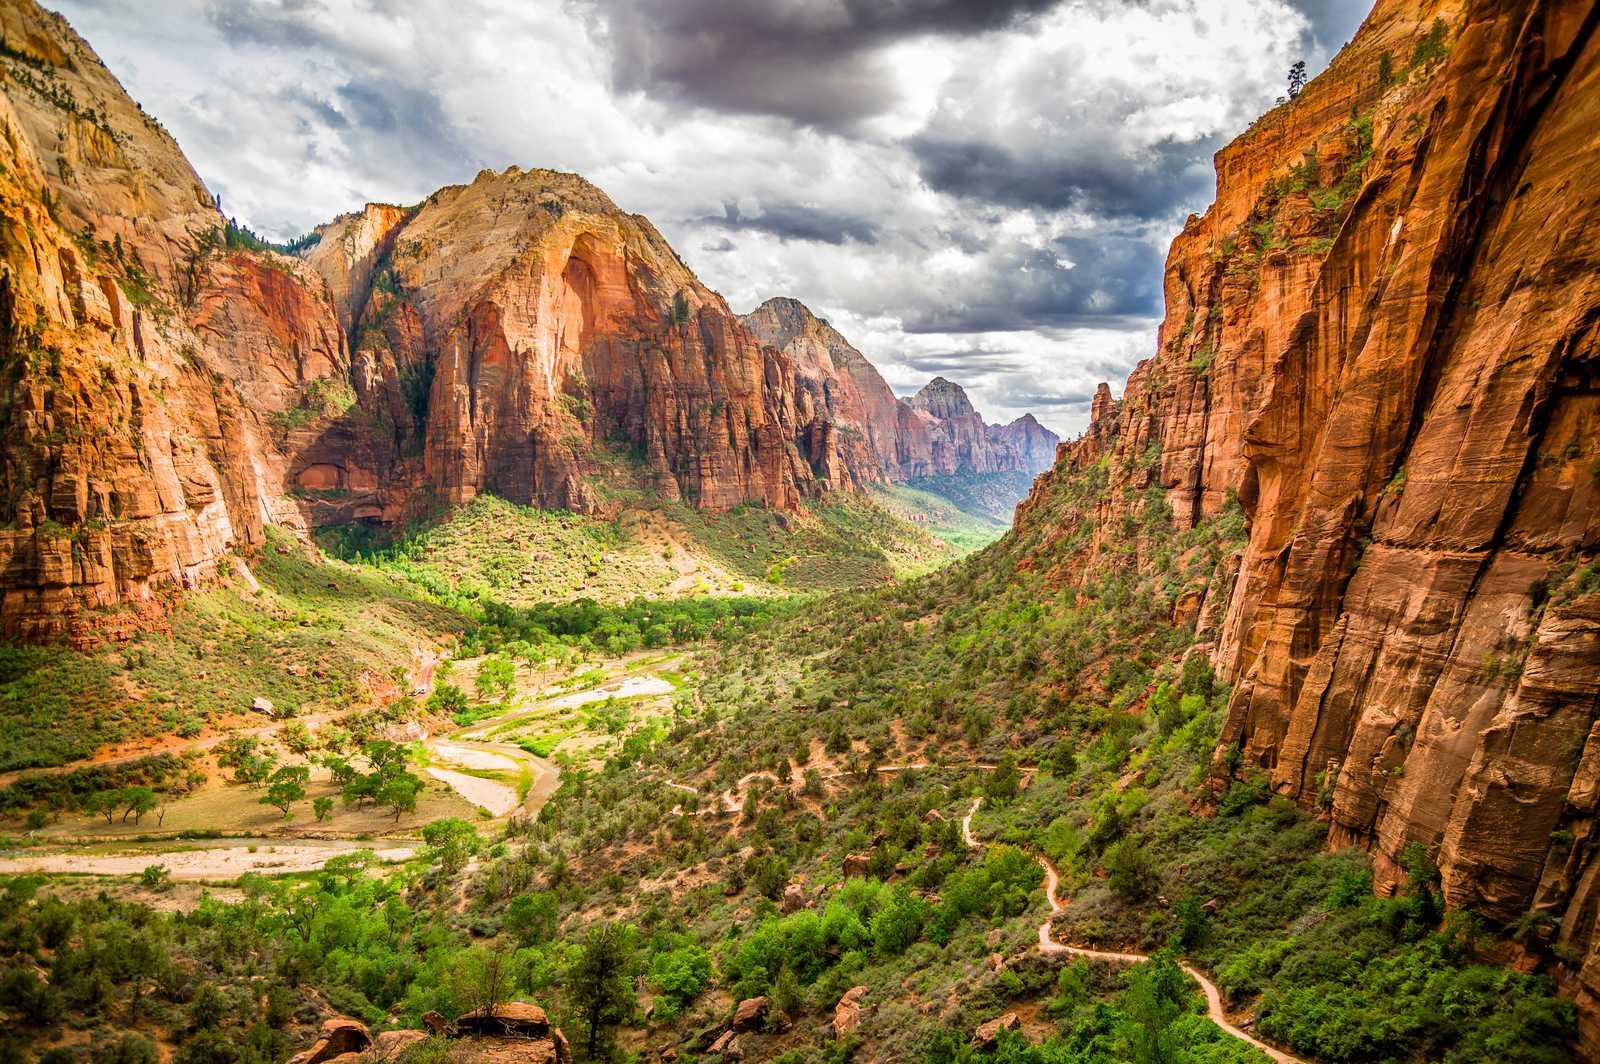 Tal zwischen Bergen im Zion National Park, Utah